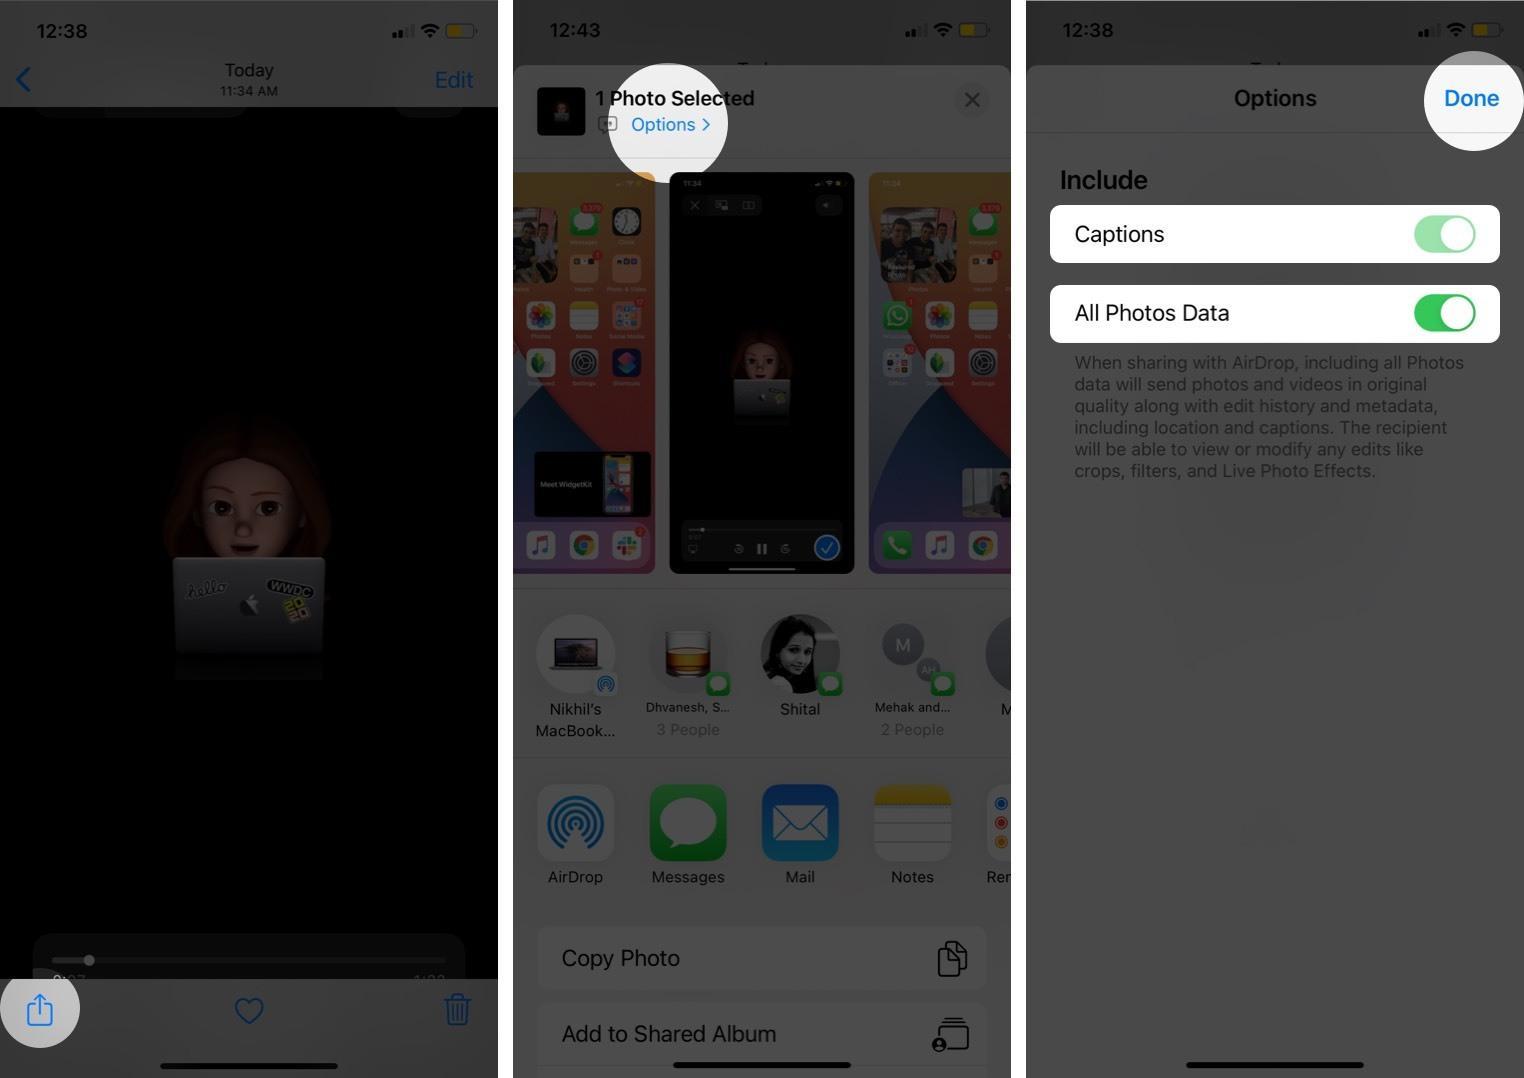 Cách tìm ảnh hoặc video trên iOS 14, iPadOS 14 nhanh chóng và hiệu quả Ảnh 6